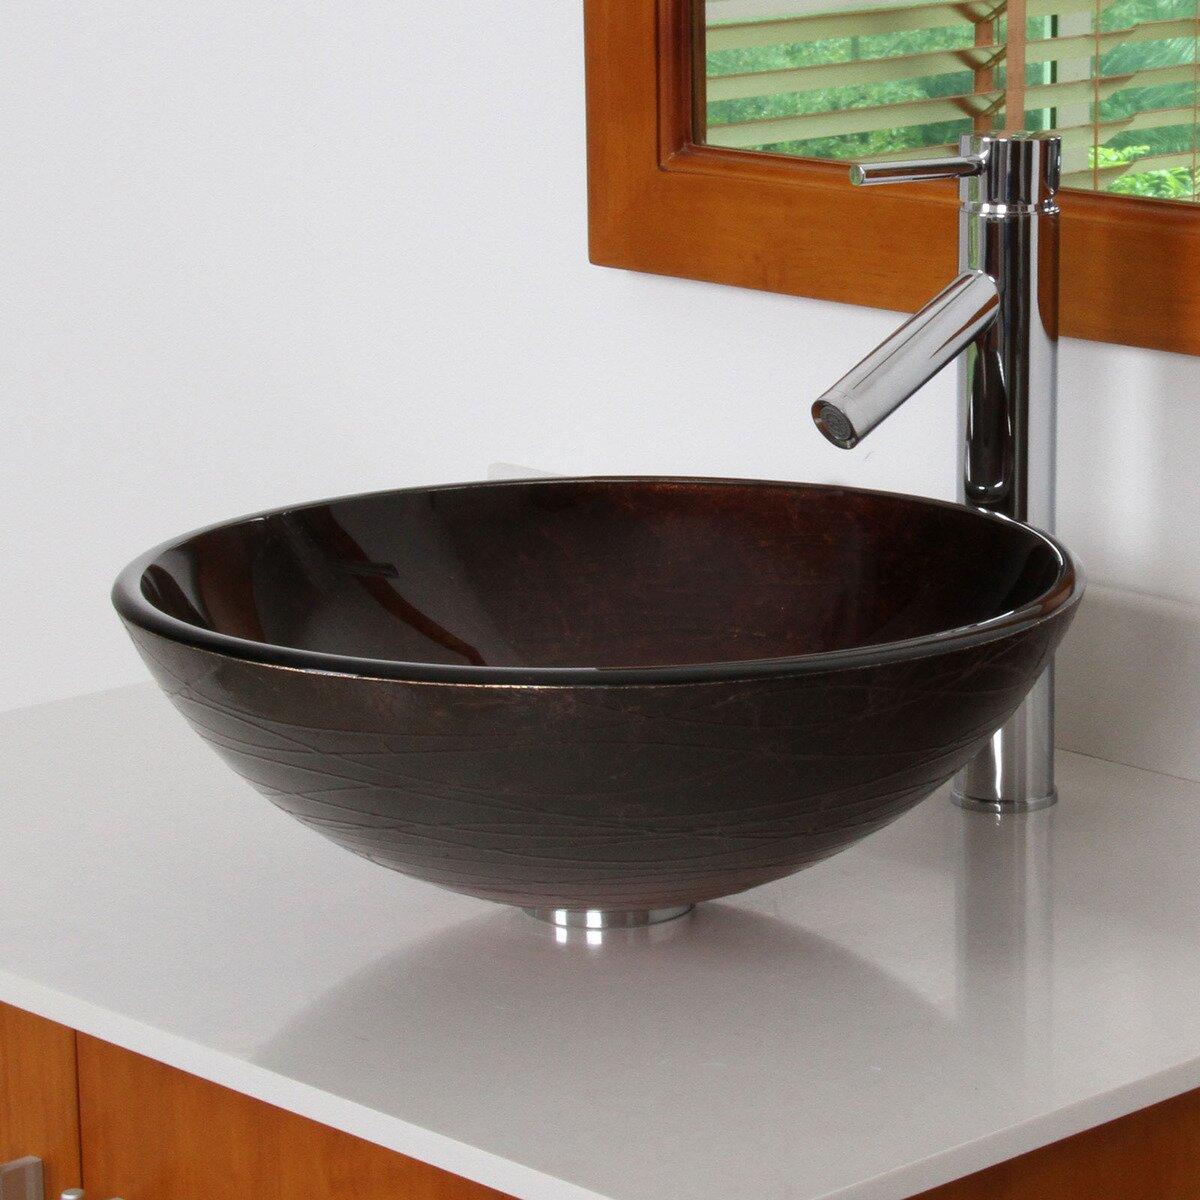 elite neutral handcrafted glass bowl vessel bathroom sink reviews wayfair